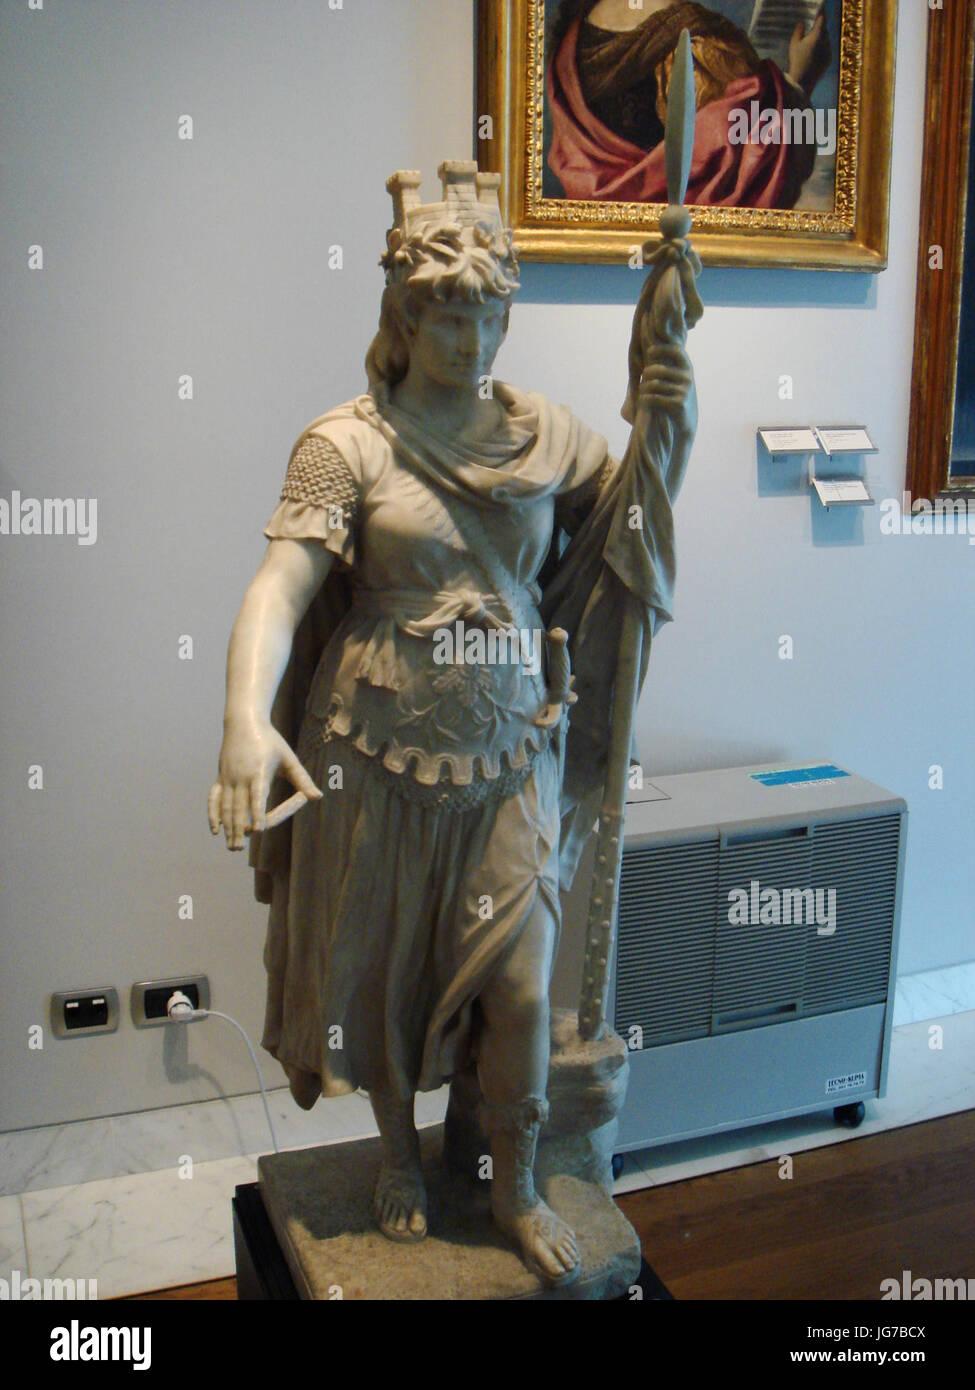 Stefano Gafletti piccola statua della libertà San Marino - Stock Image